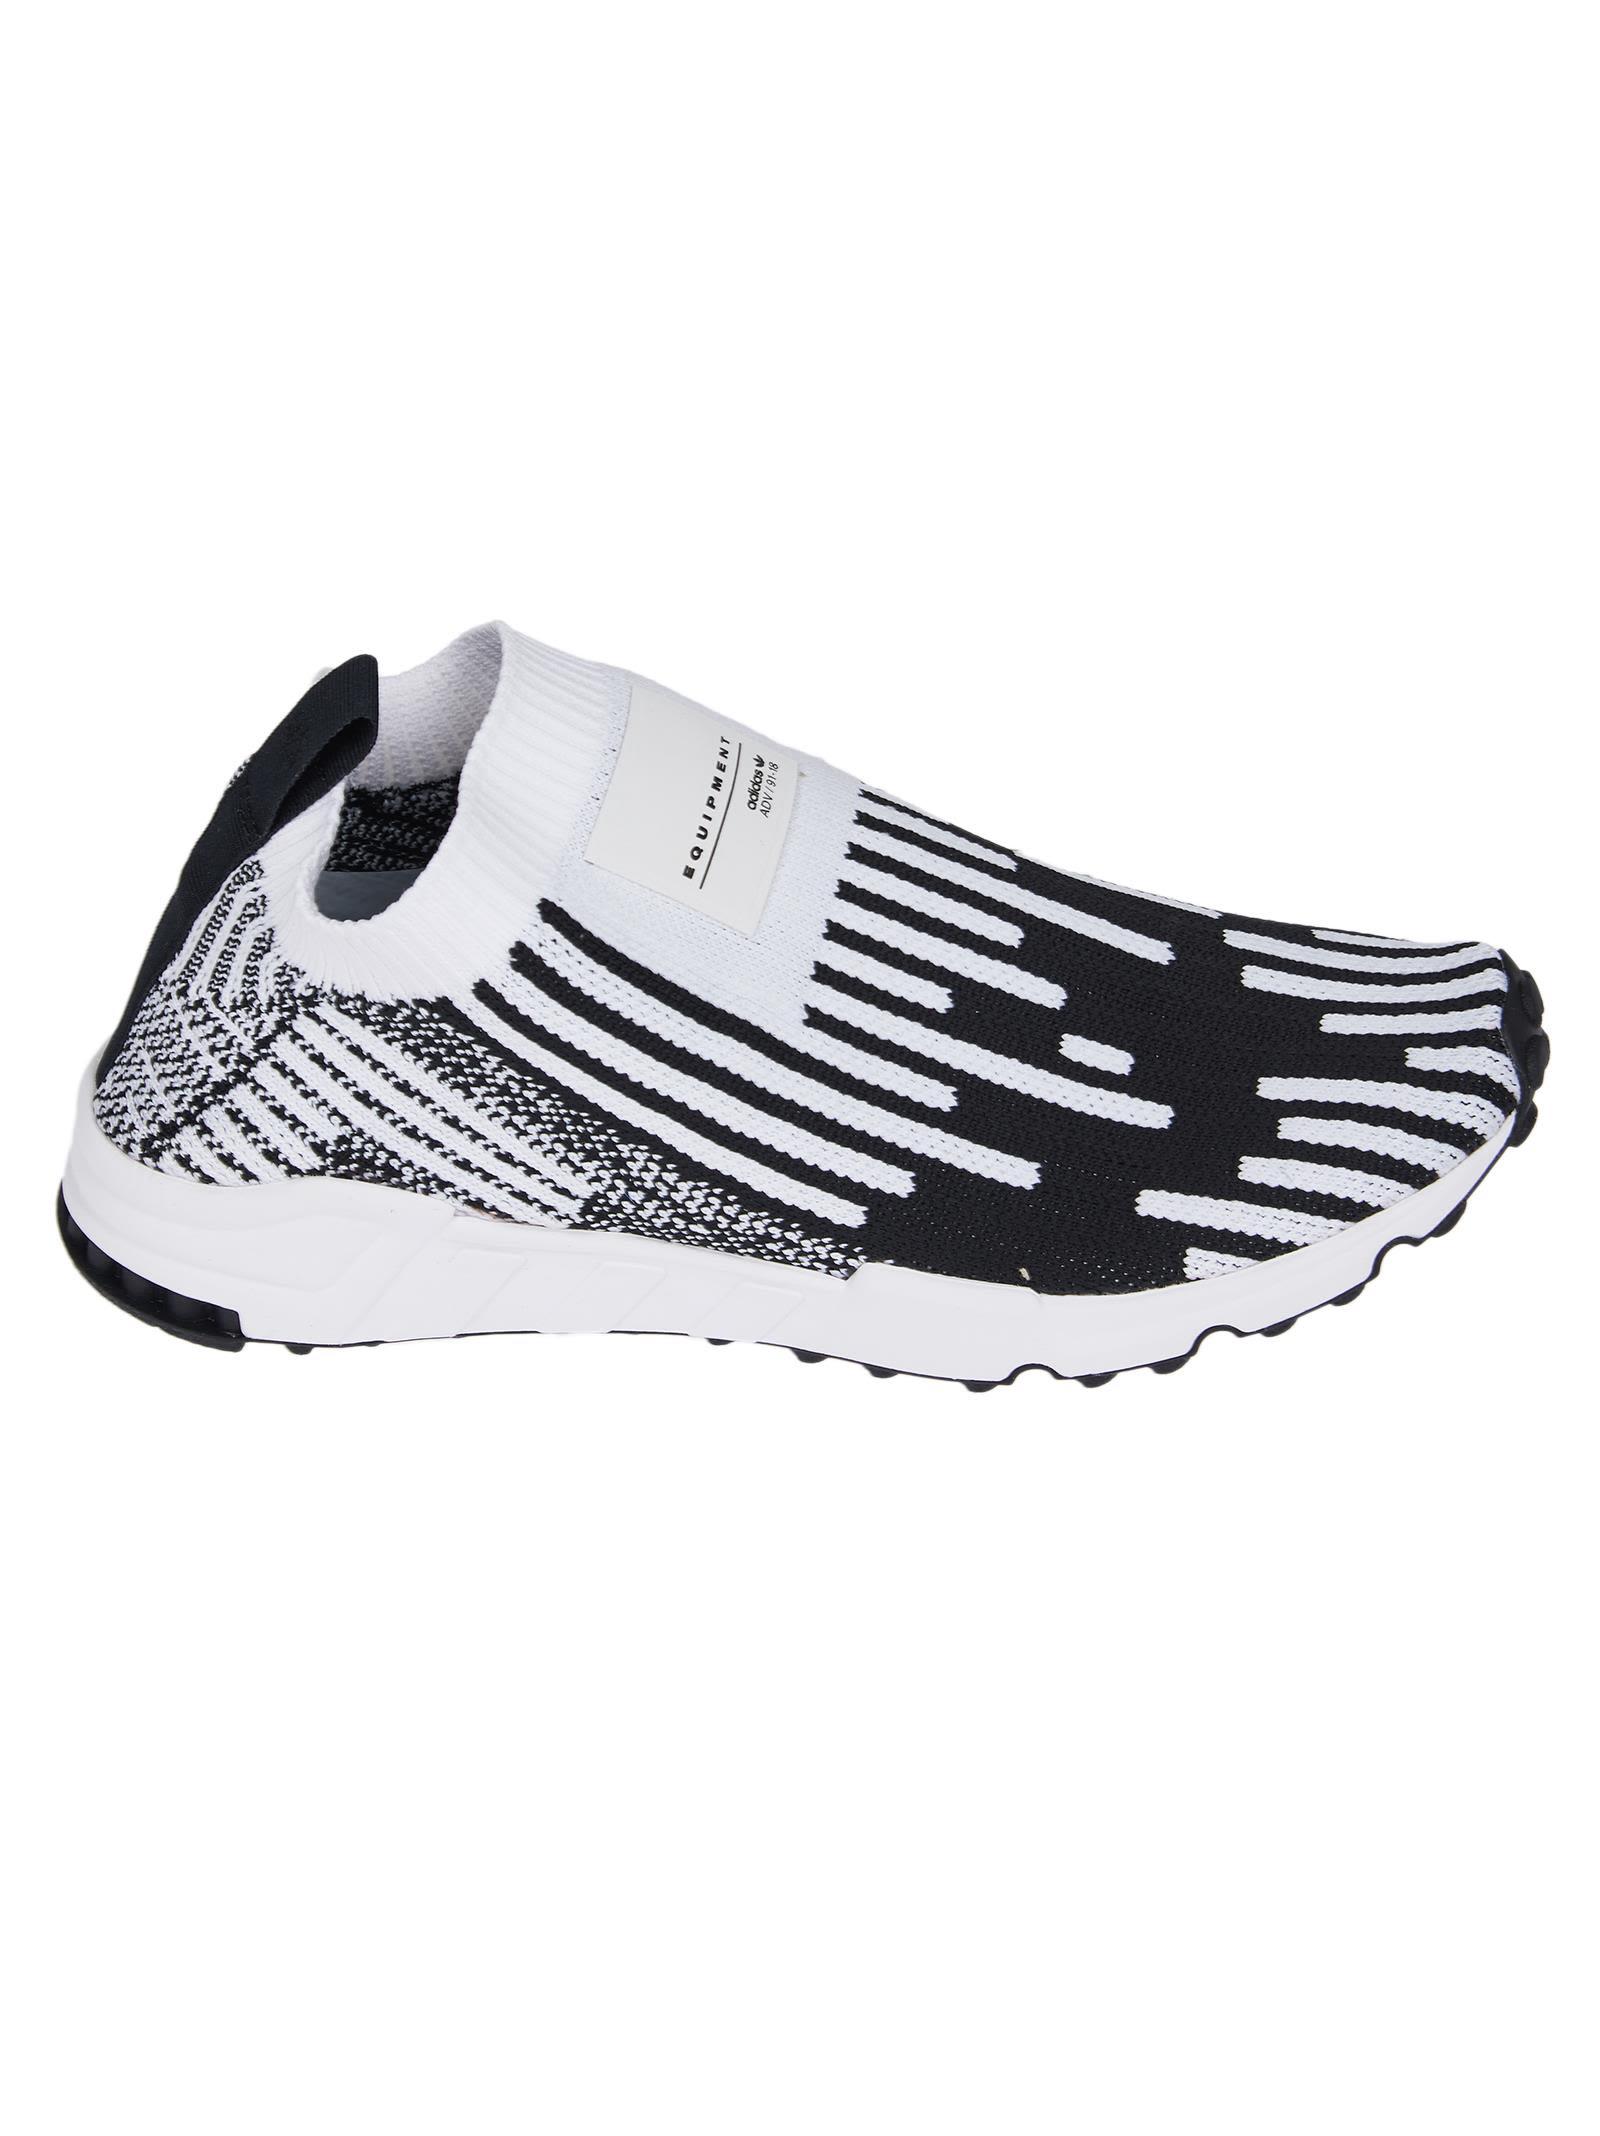 Adidas Originals Eqt Support Sock Primeknit Sneakers 10712109